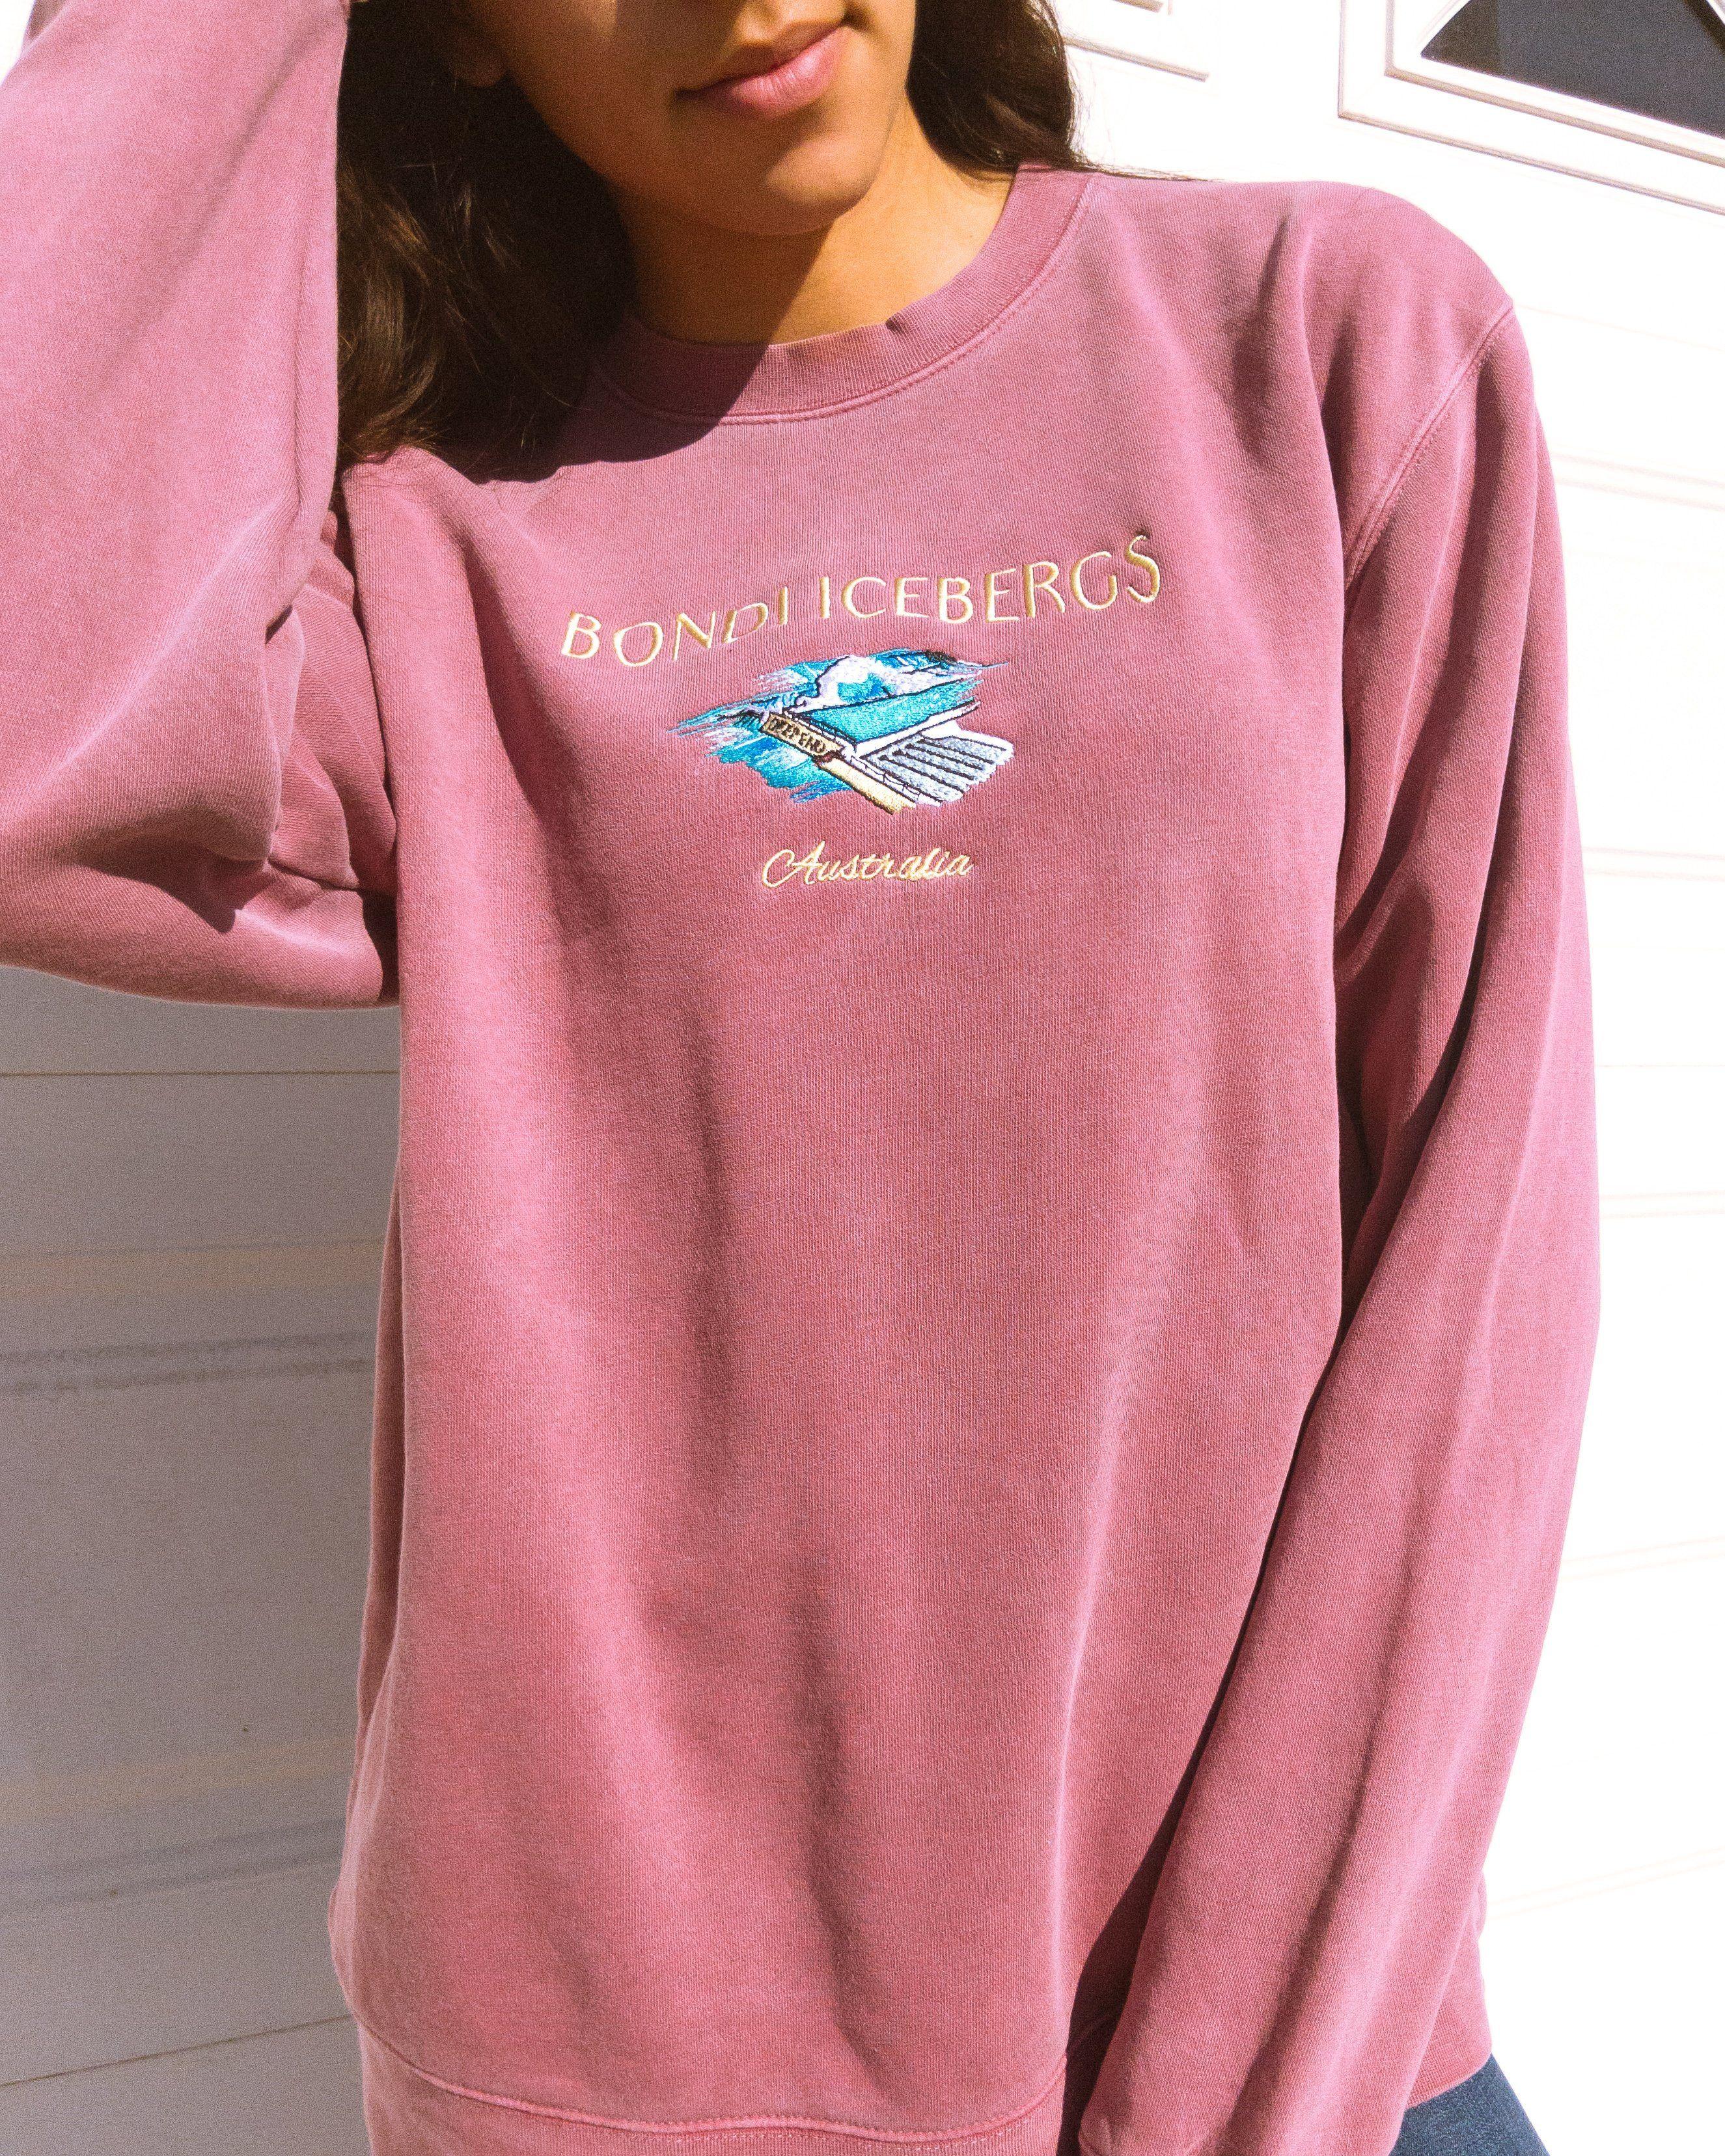 c82d645176 Bondi Icebergs Vintage Crew Neck Sweatshirt | DEEP END Vintage Crewneck  Sweatshirt, Crew Neck Sweatshirt